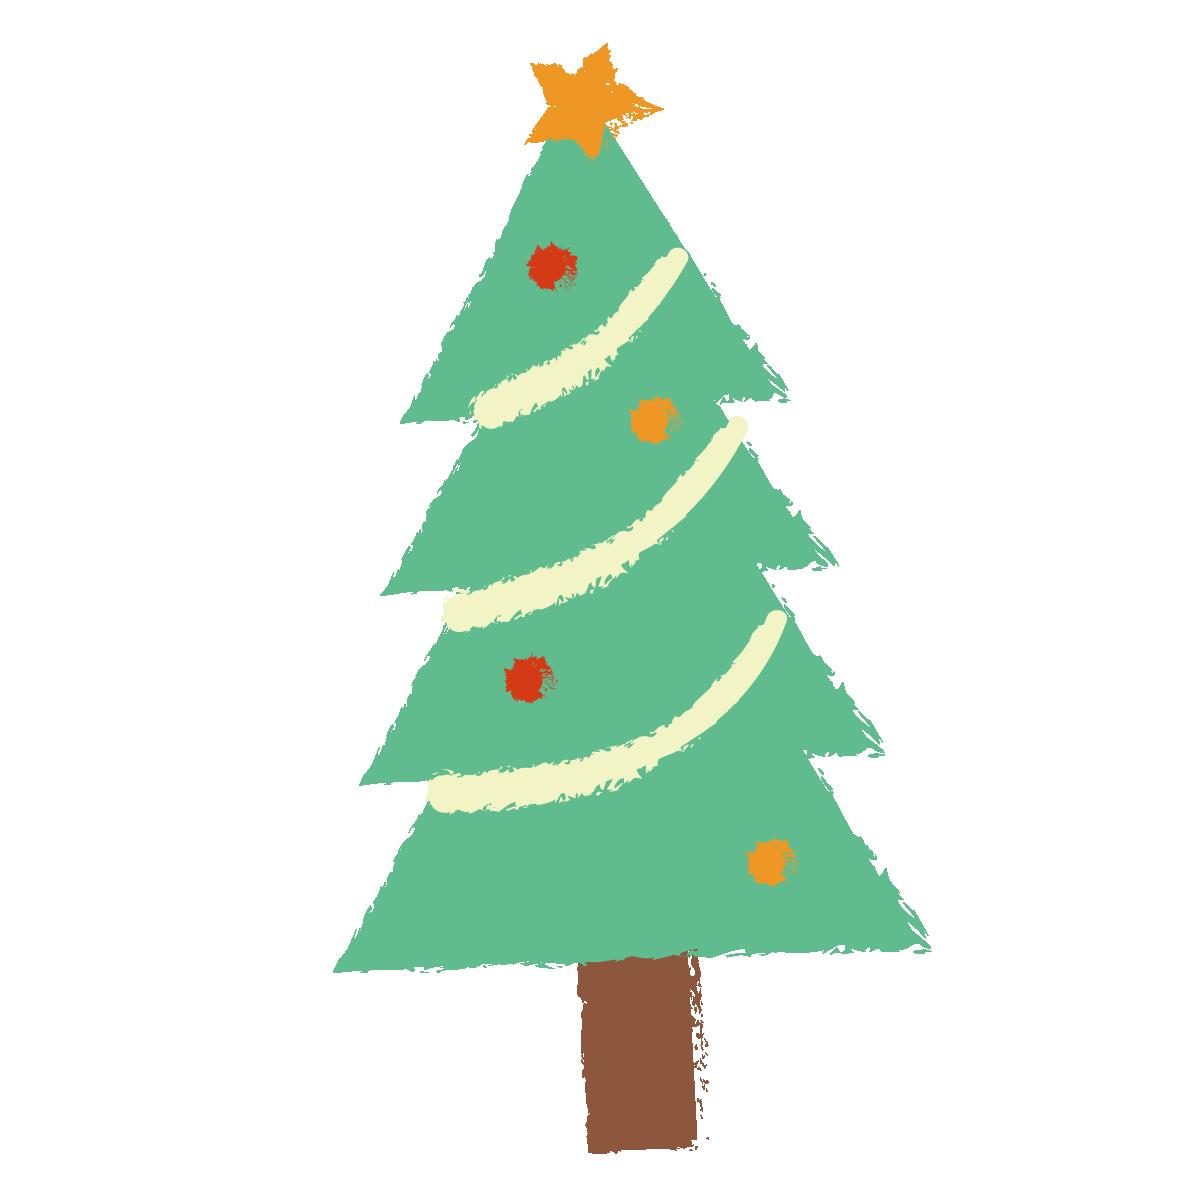 クレヨンタッチのクリスマスツリー | クリスマス 壁画, クリスマス ツリー イラスト, クリスマスツリー